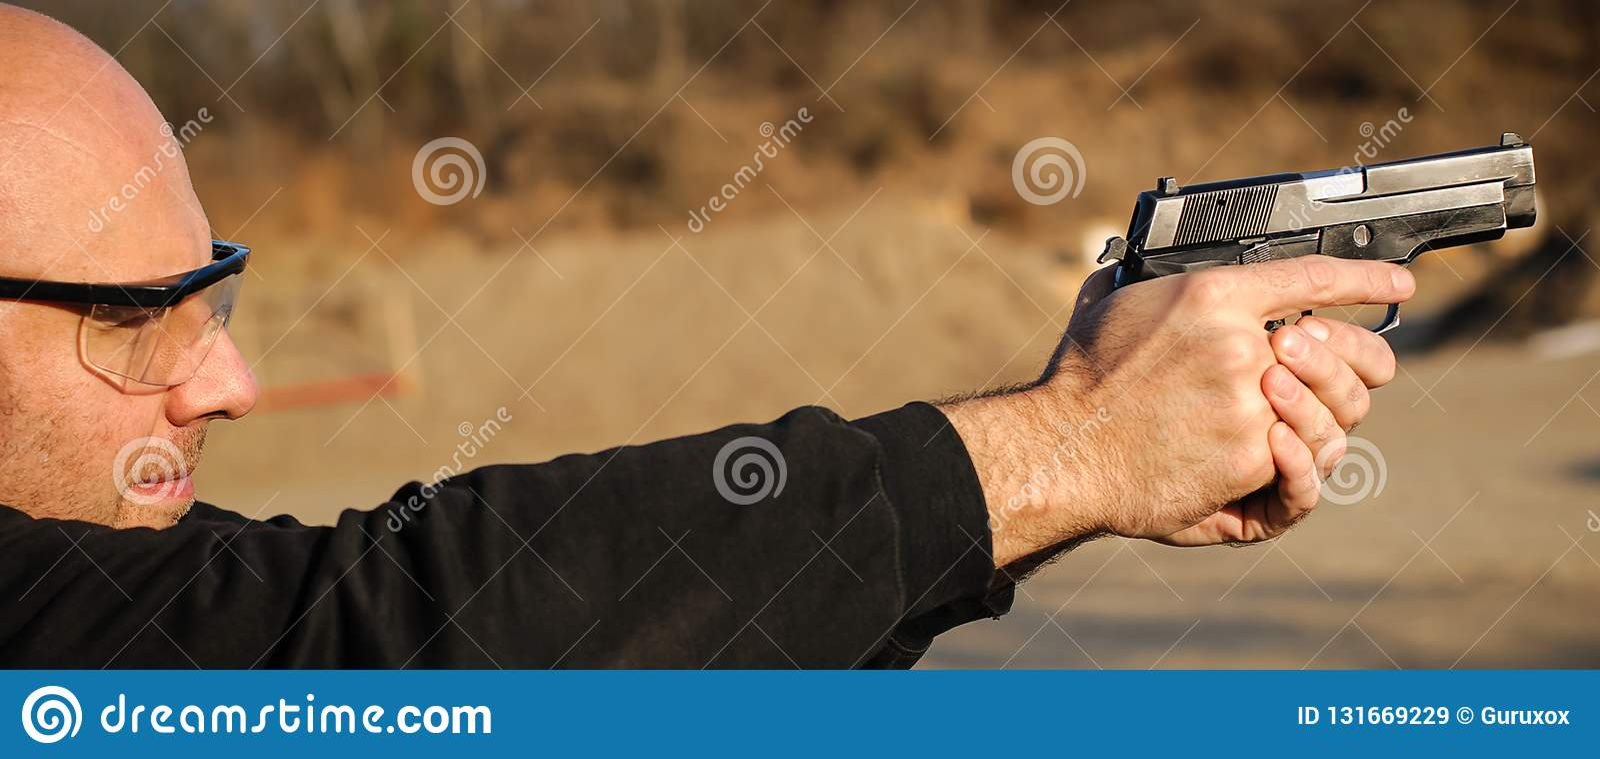 Agent de police et garde du corps dirigeant le pistolet pour se protéger contre l attaquant